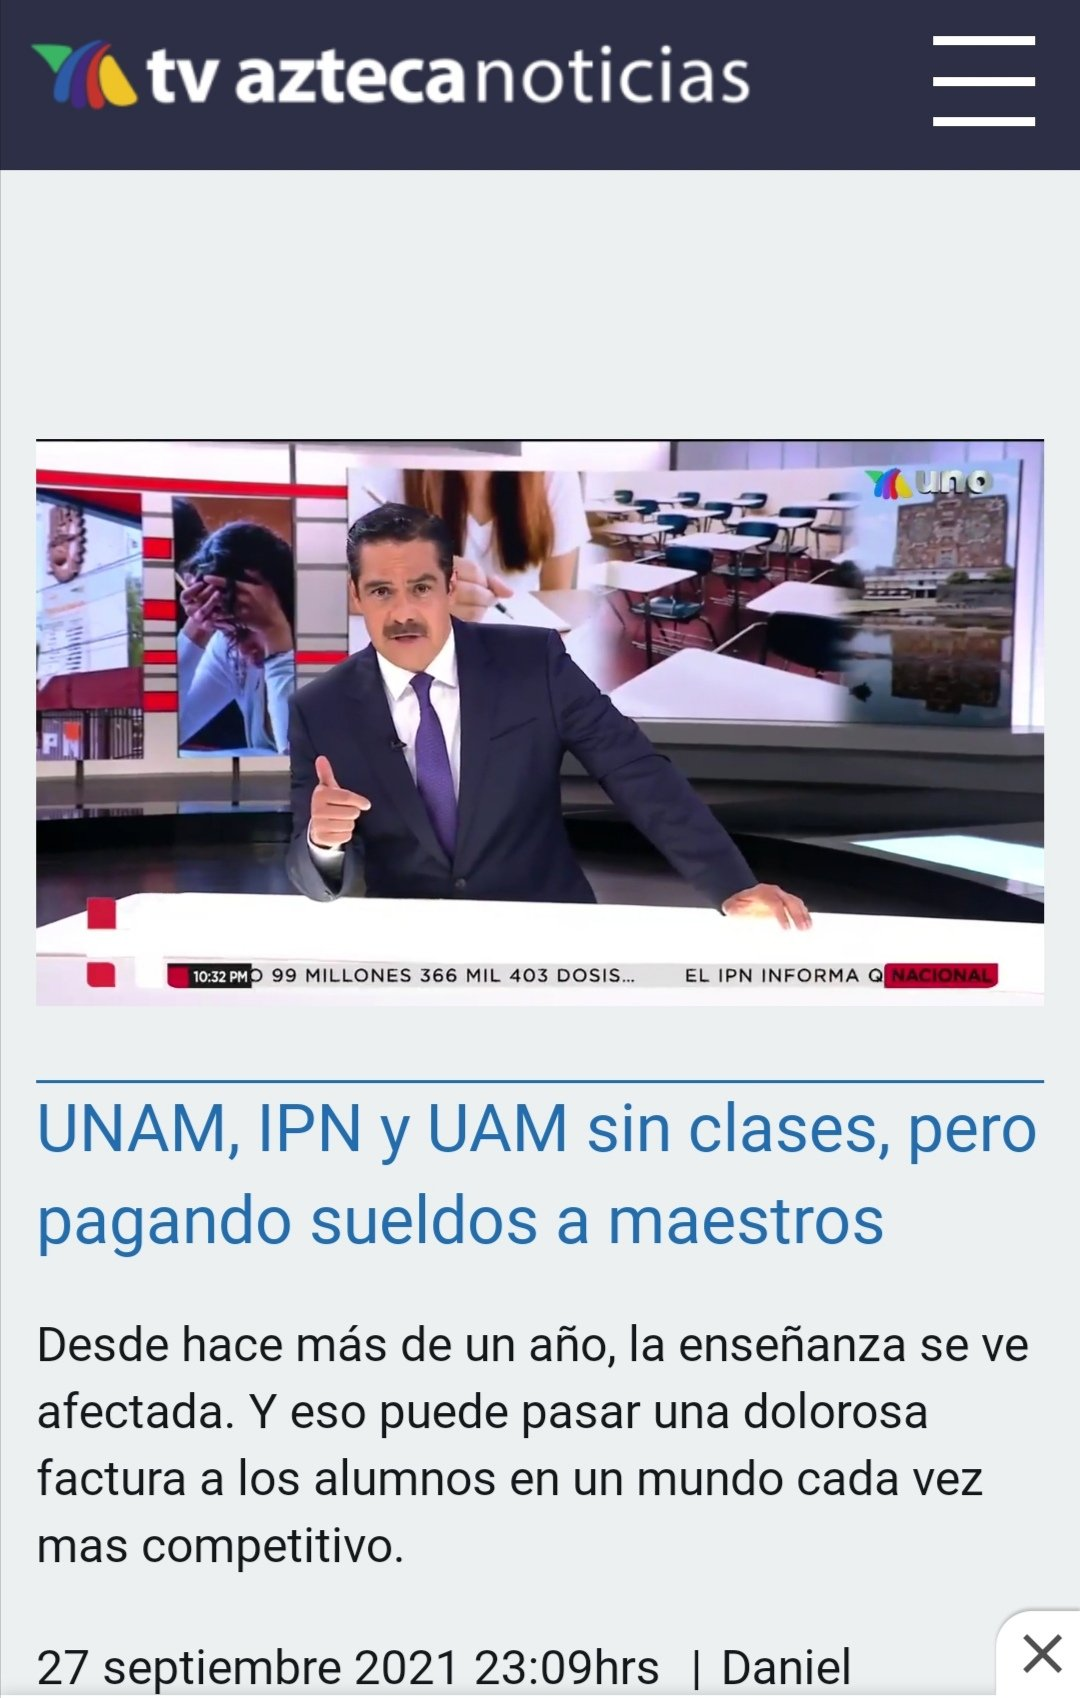 Tv Azteca se lanza contra la UNAM. Cobran sin trabajar, dice la televisora de Ricardo Salinas Pliego 1